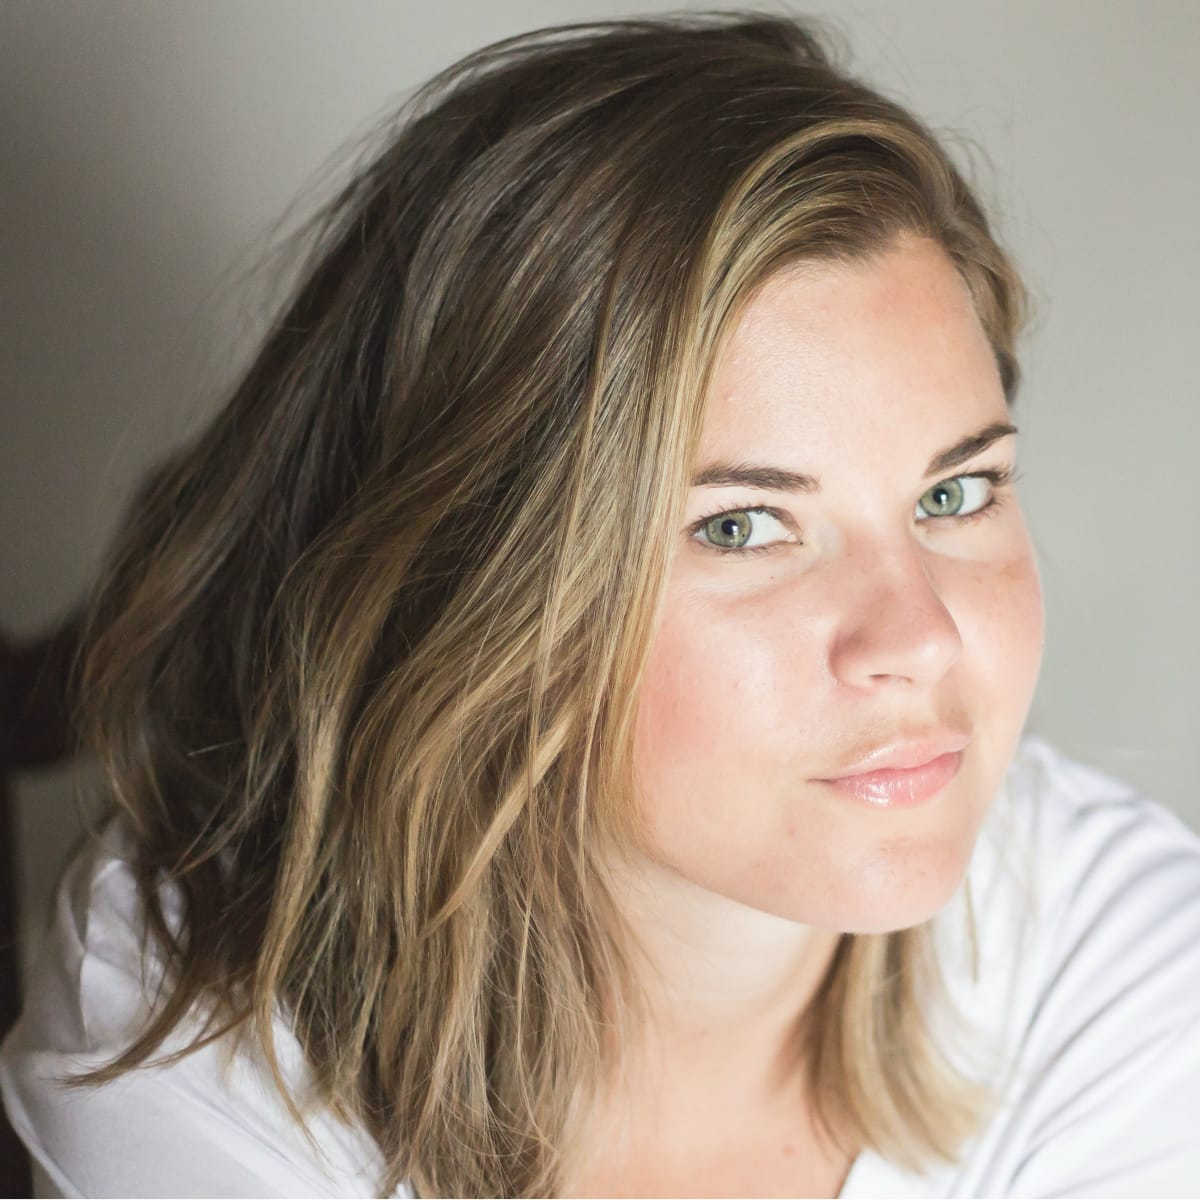 Nicole Jordan: